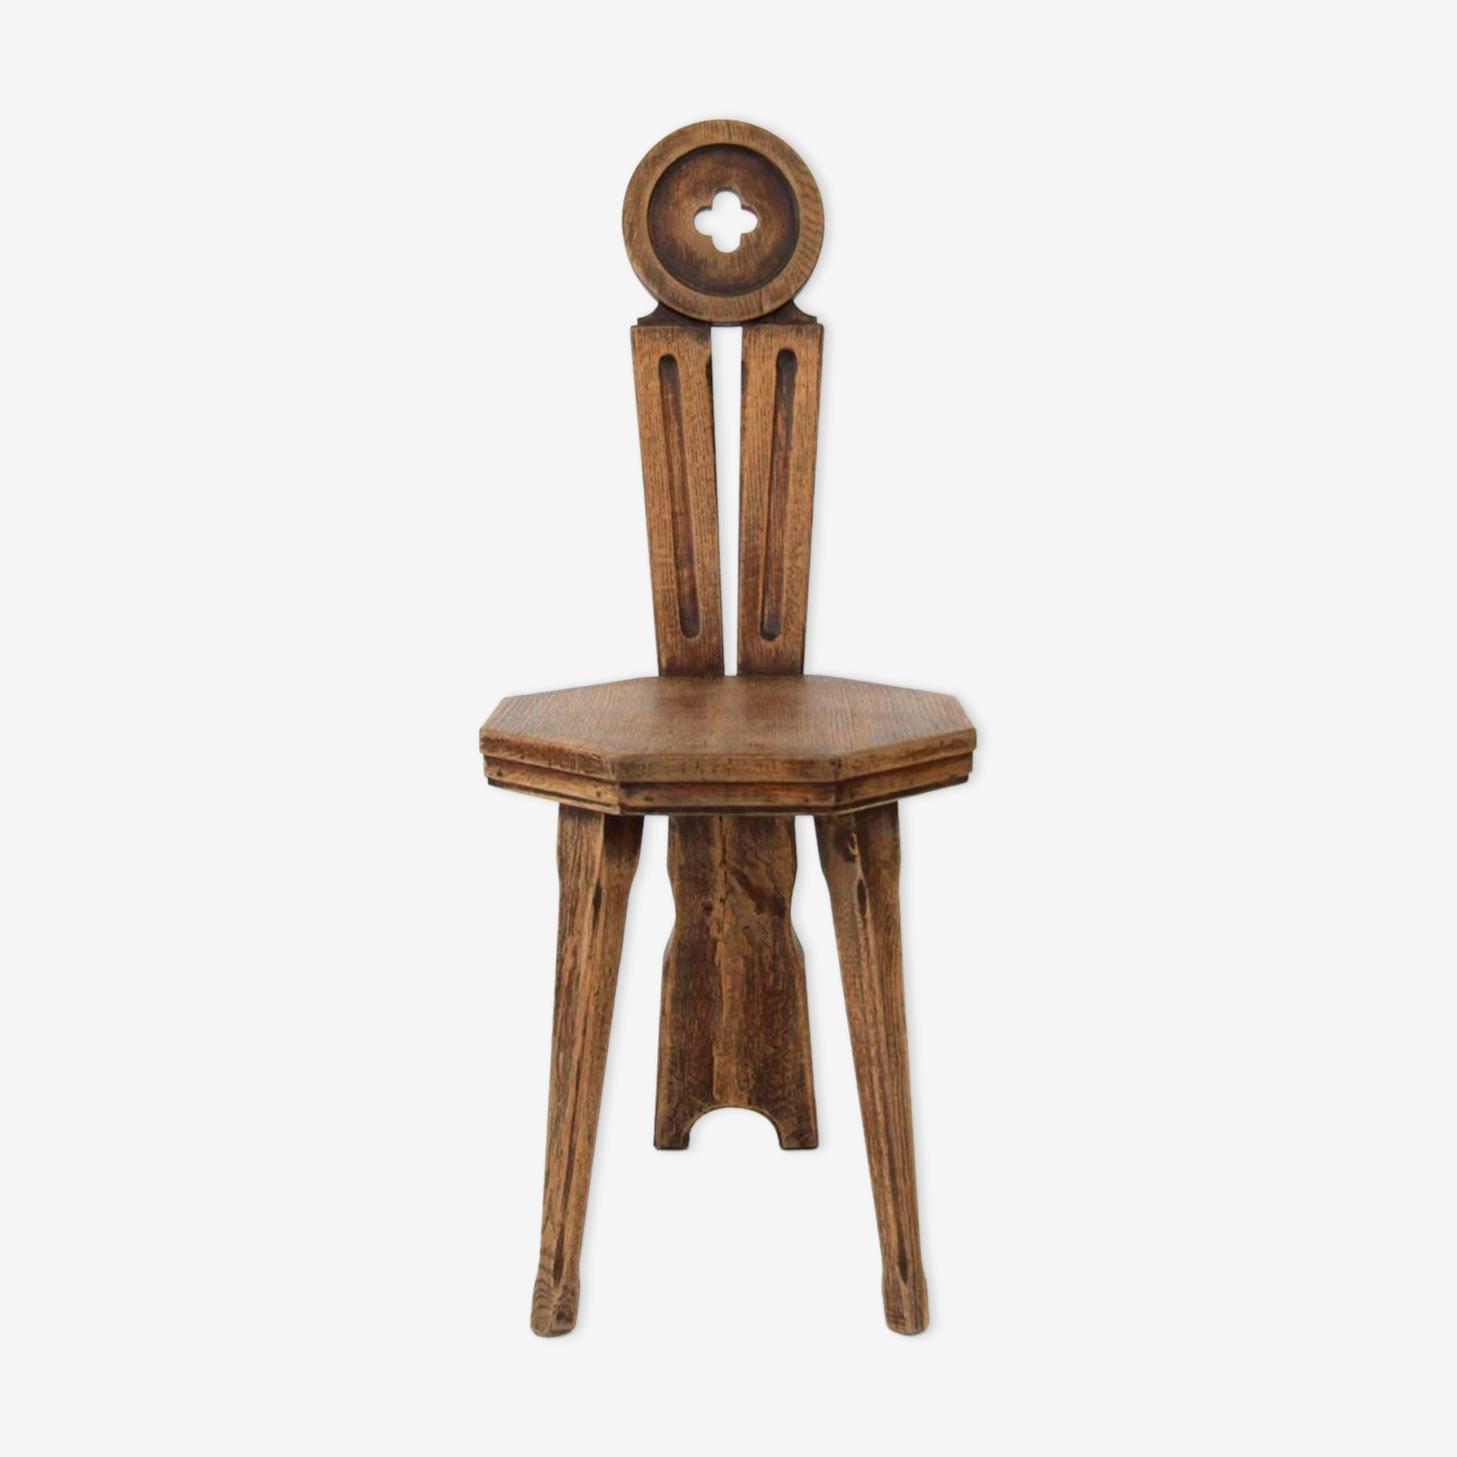 Chaise d'appoint par Arno Zoetmulder Pays-bas 1920s